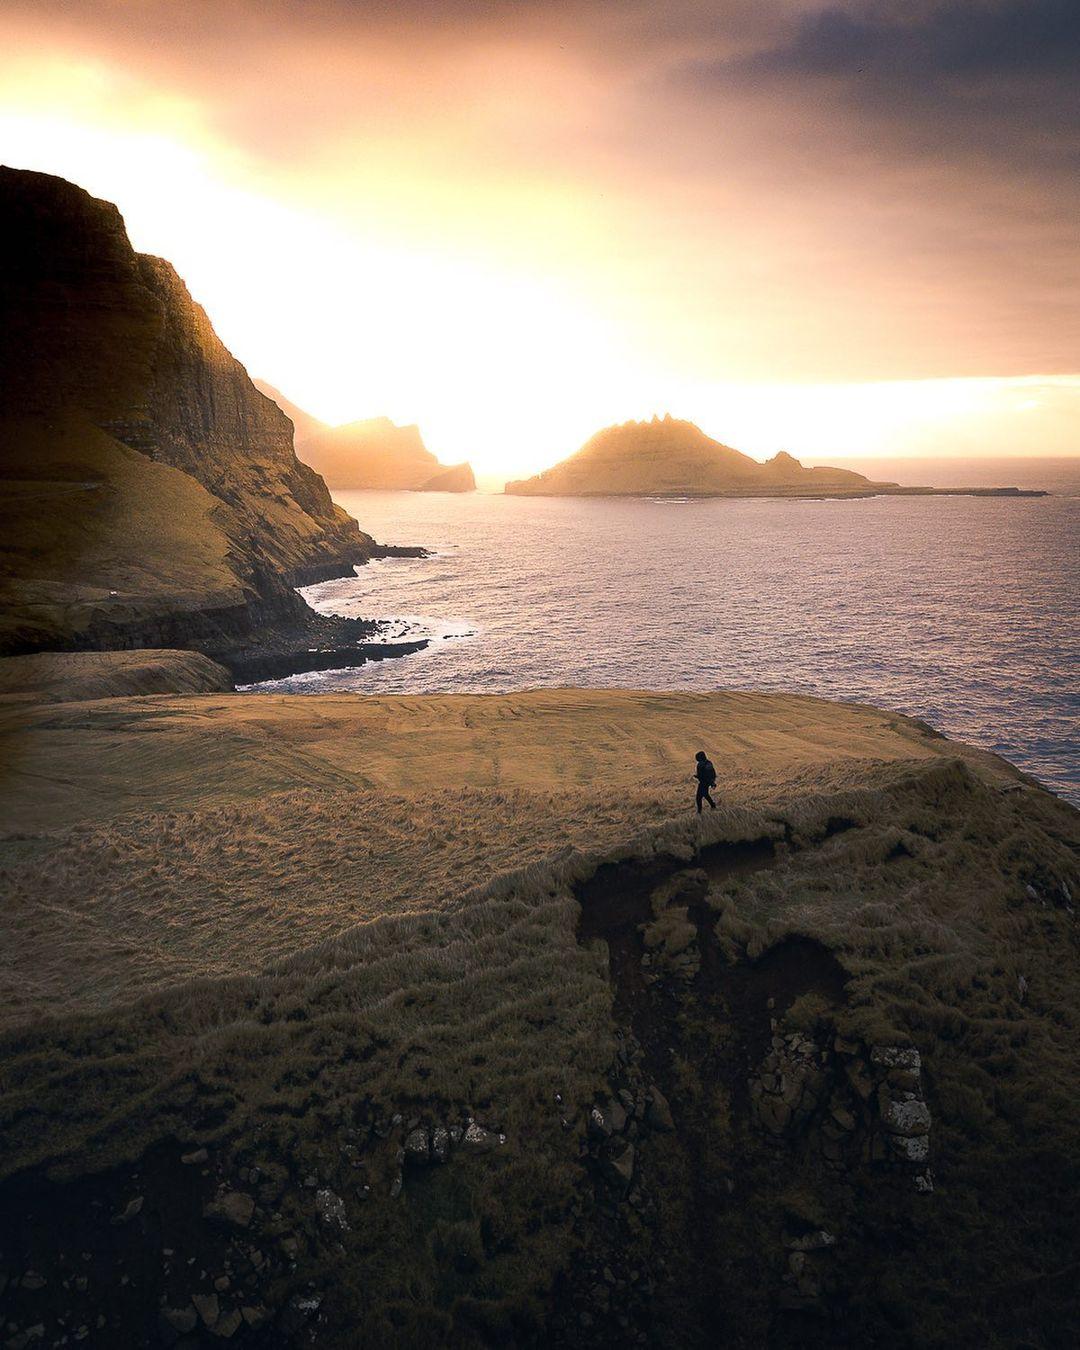 Природа и путешествия на снимках Кенни Лёфстрёма